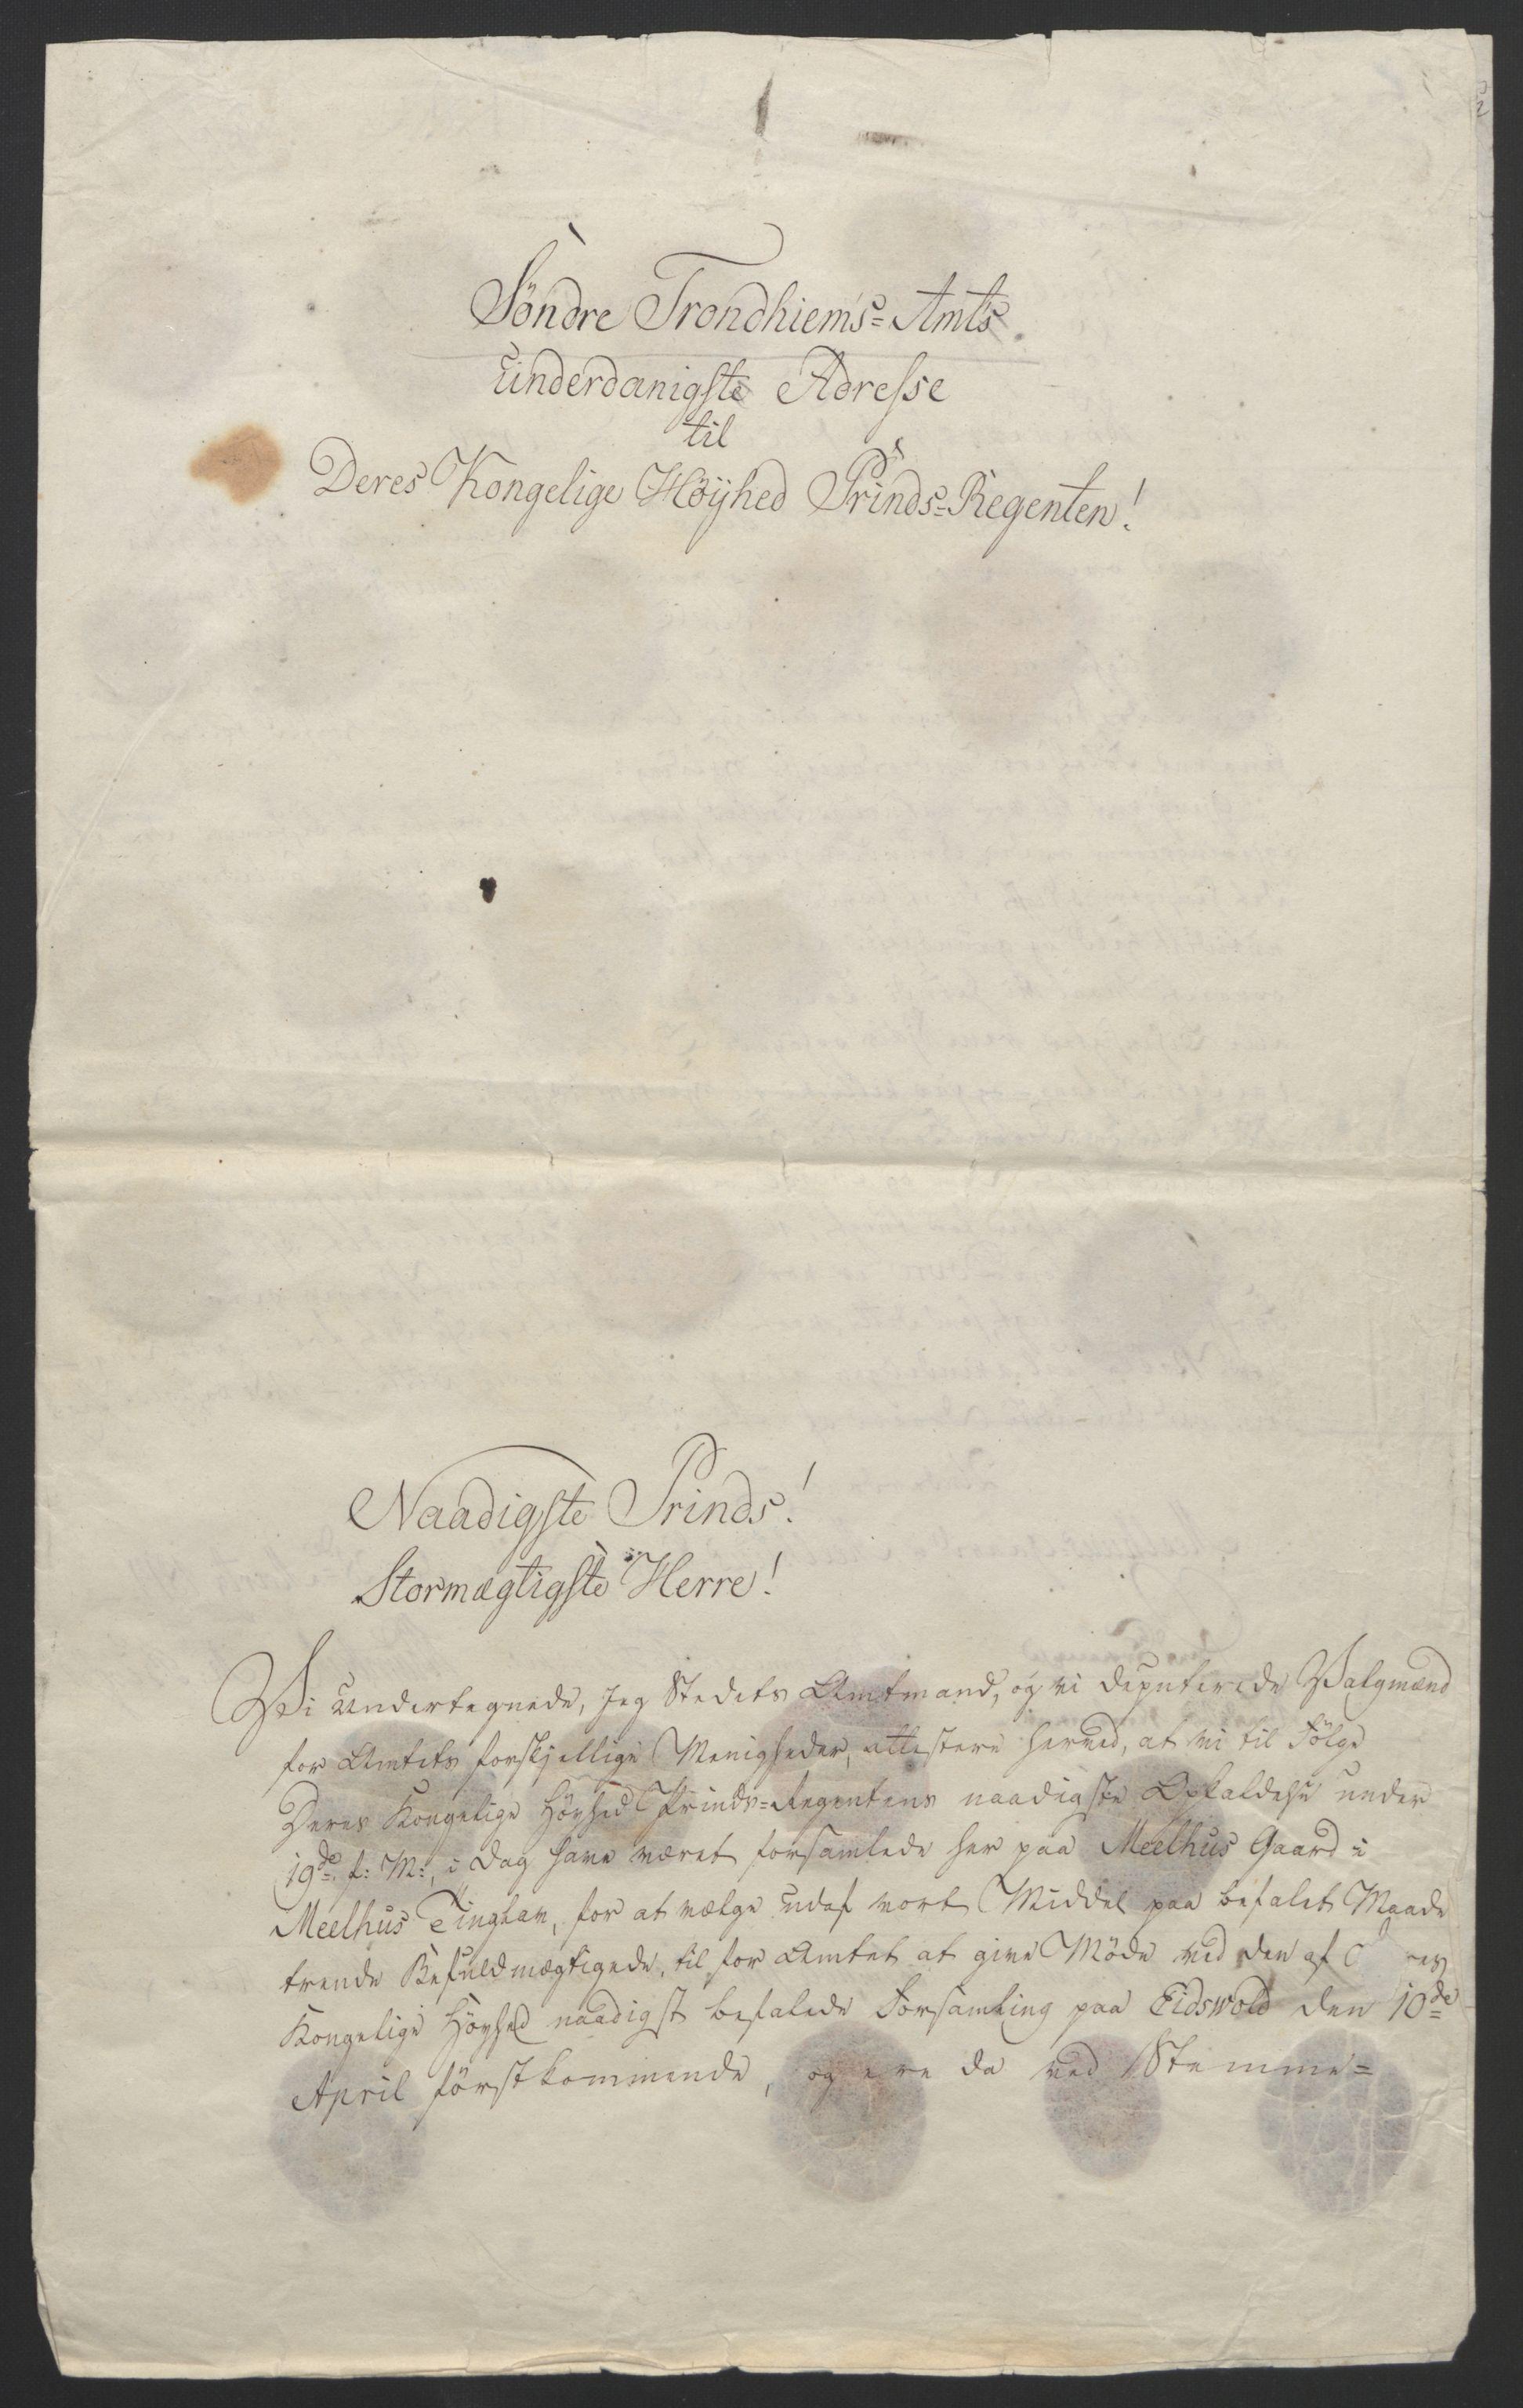 RA, Statsrådssekretariatet, D/Db/L0008: Fullmakter for Eidsvollsrepresentantene i 1814. , 1814, s. 427